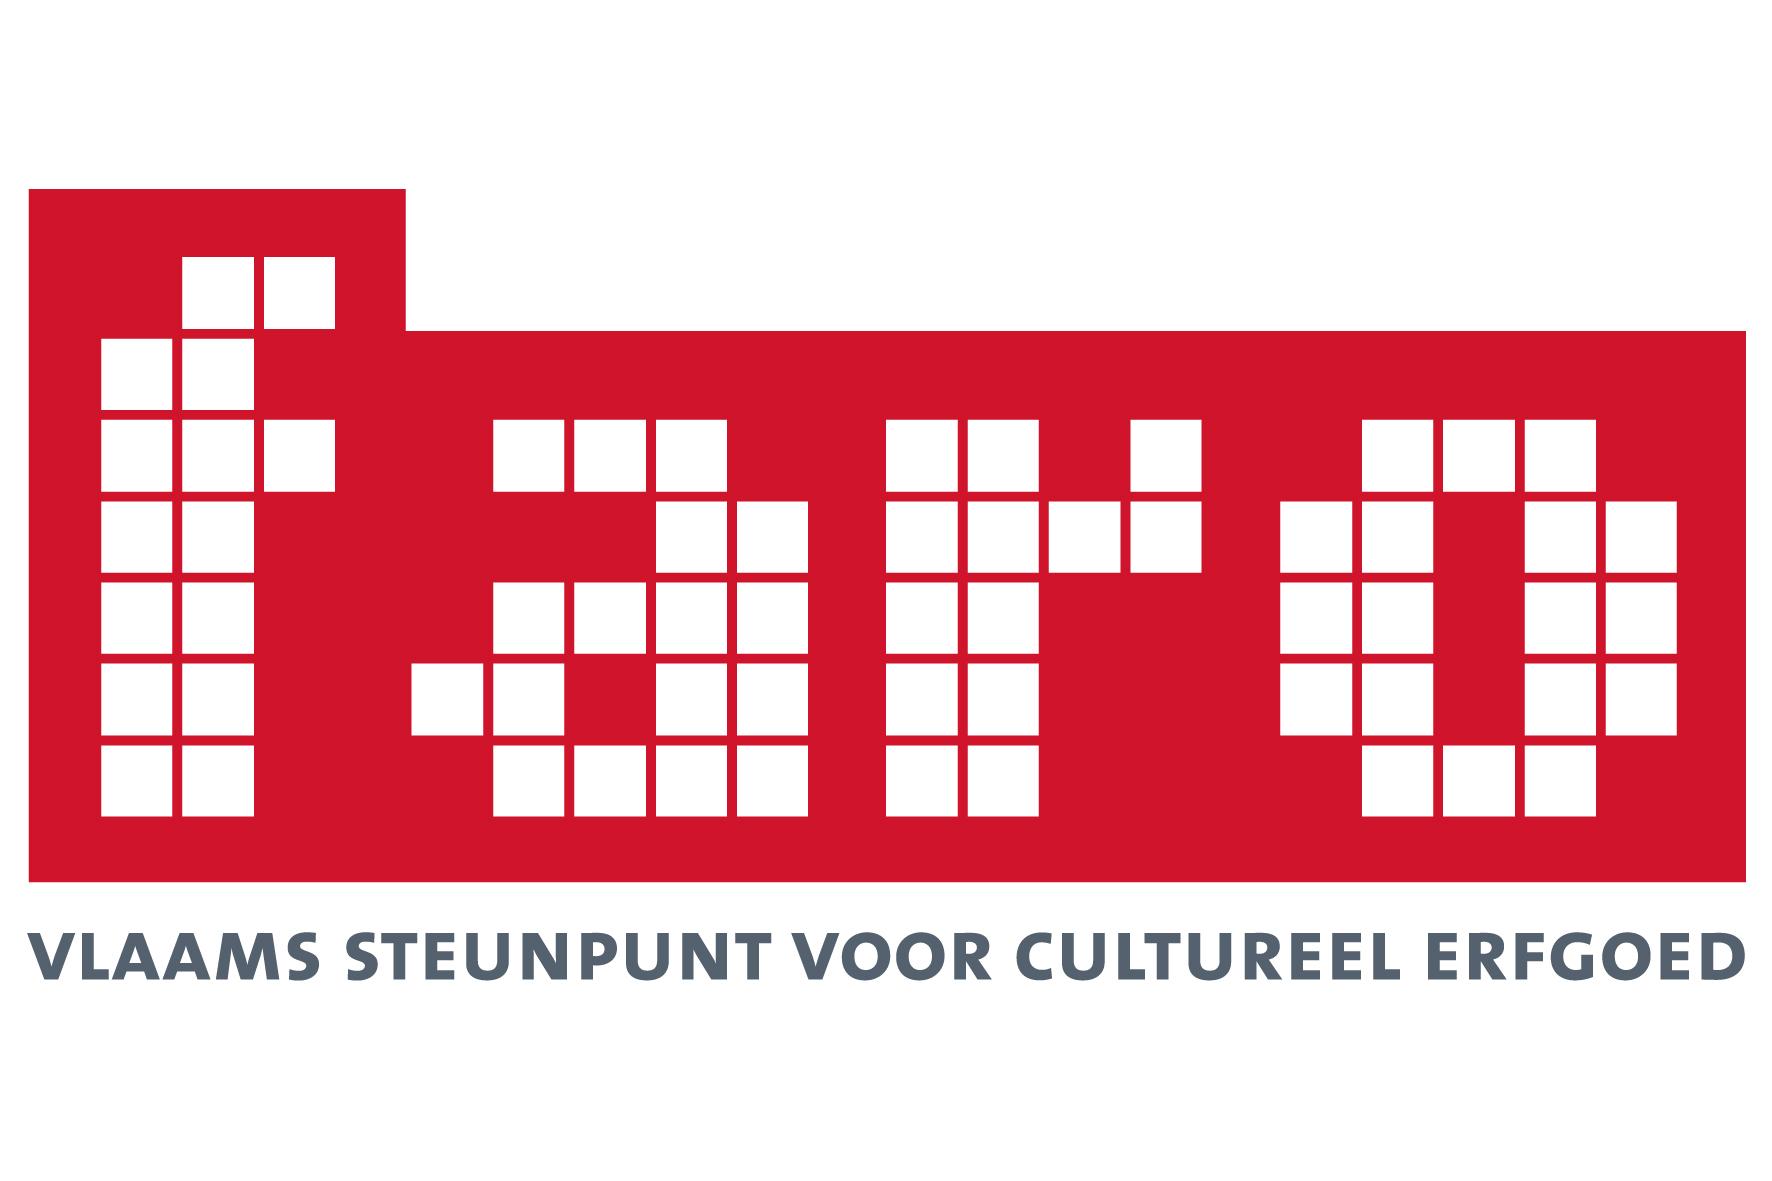 FARO. Vlaams steunpunt voor cultureel erfgoed vzw is het steunpunt voor het roerend en immaterieel cultureel-erfgoedveld in Vlaanderen en Brussel. Als dienstverlenende organisatie vervullen we een intermediaire rol tussen de Vlaamse overheid en het cultureel-erfgoedveld. Zoals omschreven in het Cultureelerfgoeddecreet is ons hoofddoel om cultureel-erfgoedorganisaties, openbare besturen en andere beheerders van cultureel erfgoed te ondersteunen en de ontwikkeling van het veld te stimuleren.